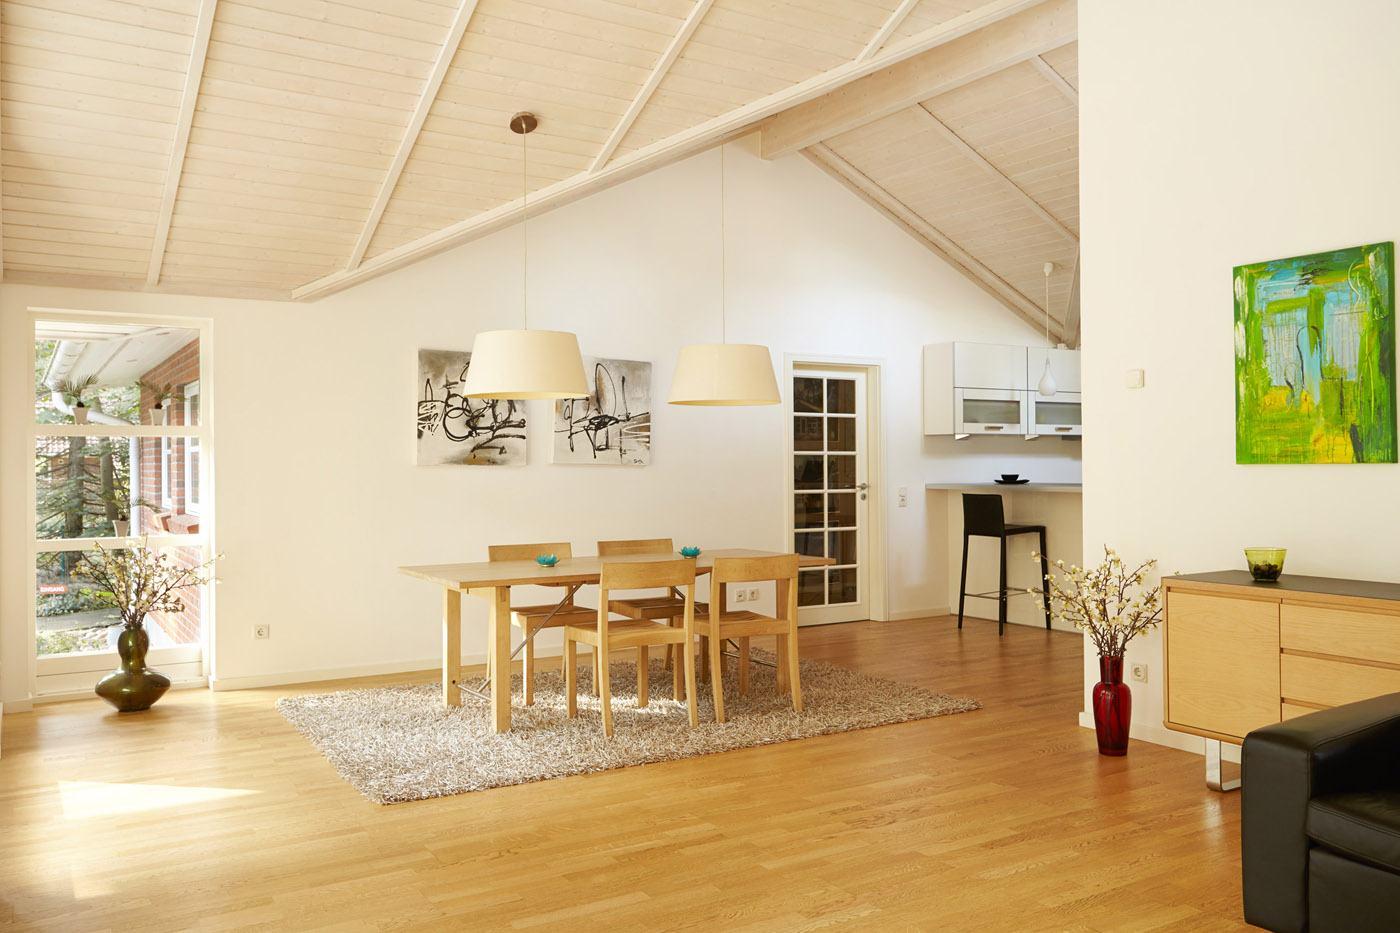 fotograf in l beck hamburg oliver kuty. Black Bedroom Furniture Sets. Home Design Ideas